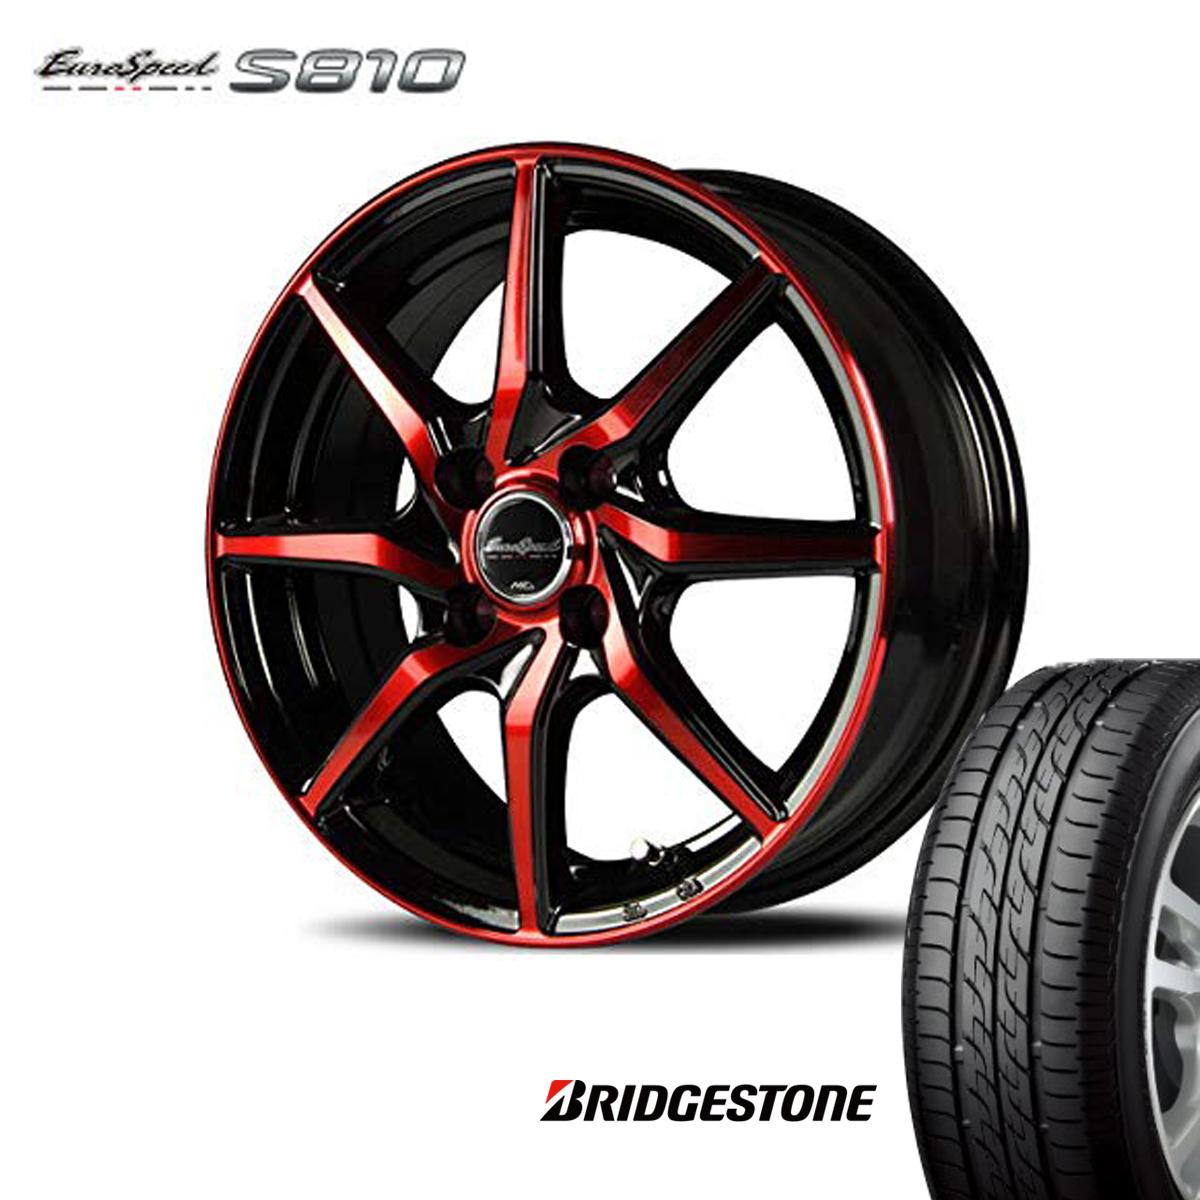 Euro Speed タイヤ ホイール セット 4本 15インチ 4H100 5.5J+45 ユーロスピード S810 マナレイ スポーツ ブリヂストン 175/55R15 175 55 15